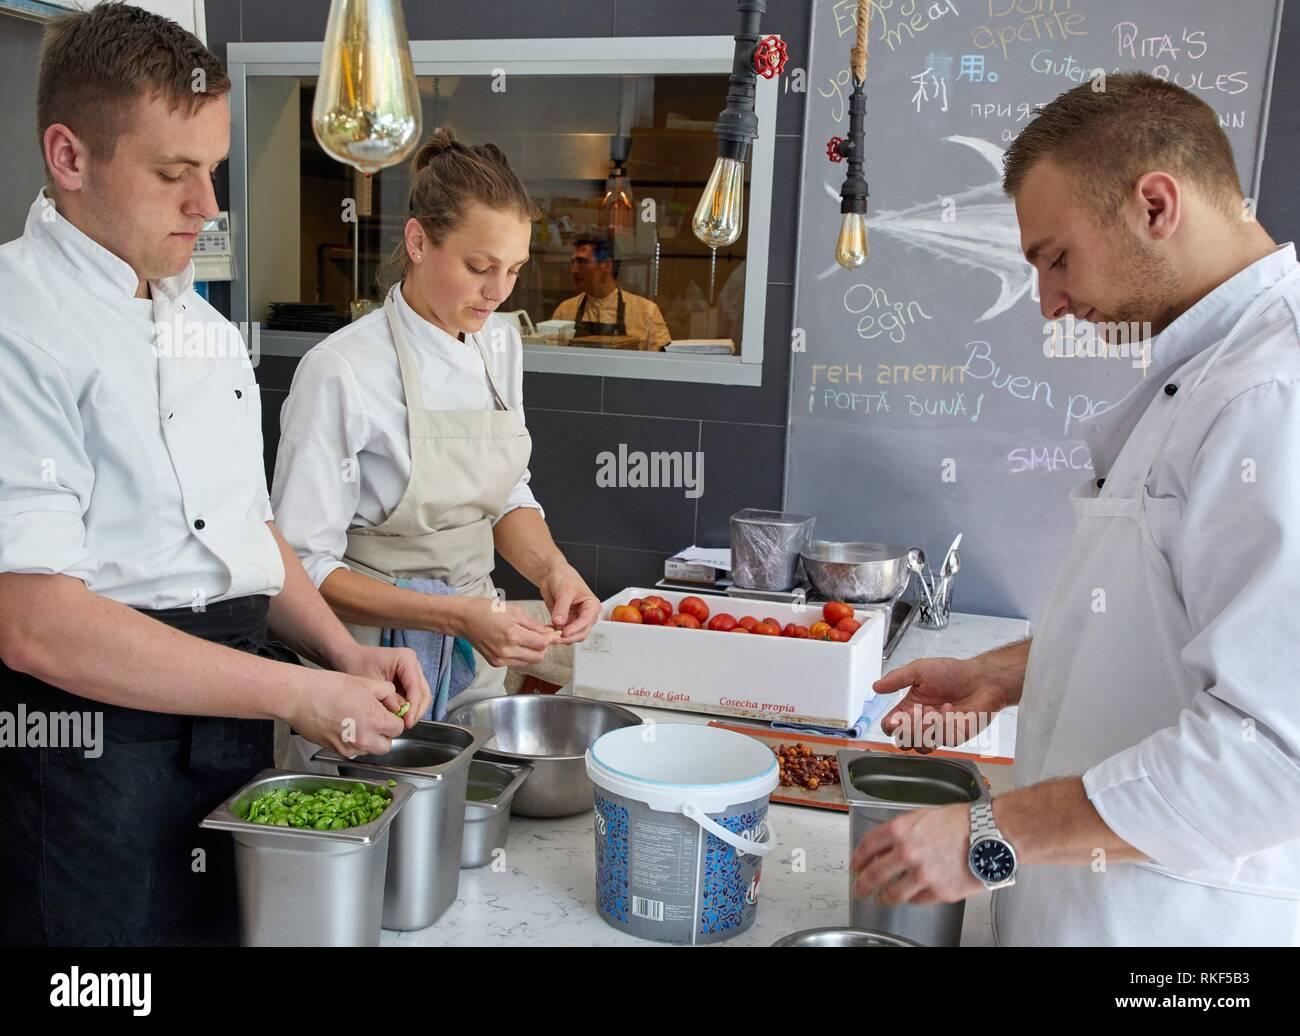 Kitchen, Restaurante Rita, Gastronomic tour, Donostia, San Sebastian, Gipuzkoa, Basque Country, Spain, Europe - Stock Image